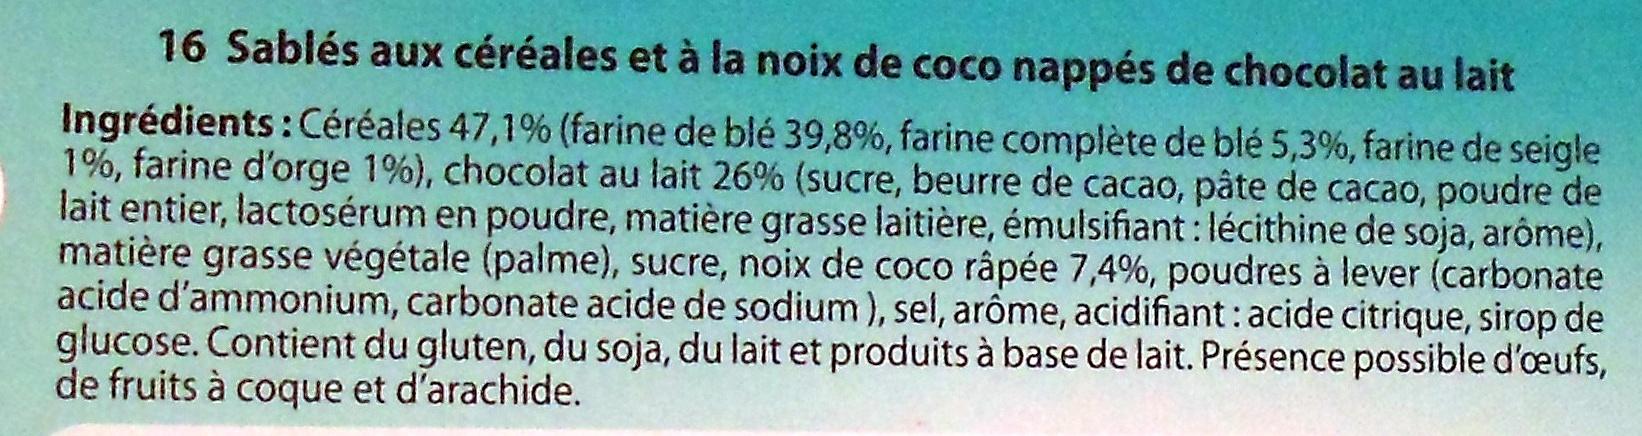 Sablés aux céréales - Ingrédients - fr